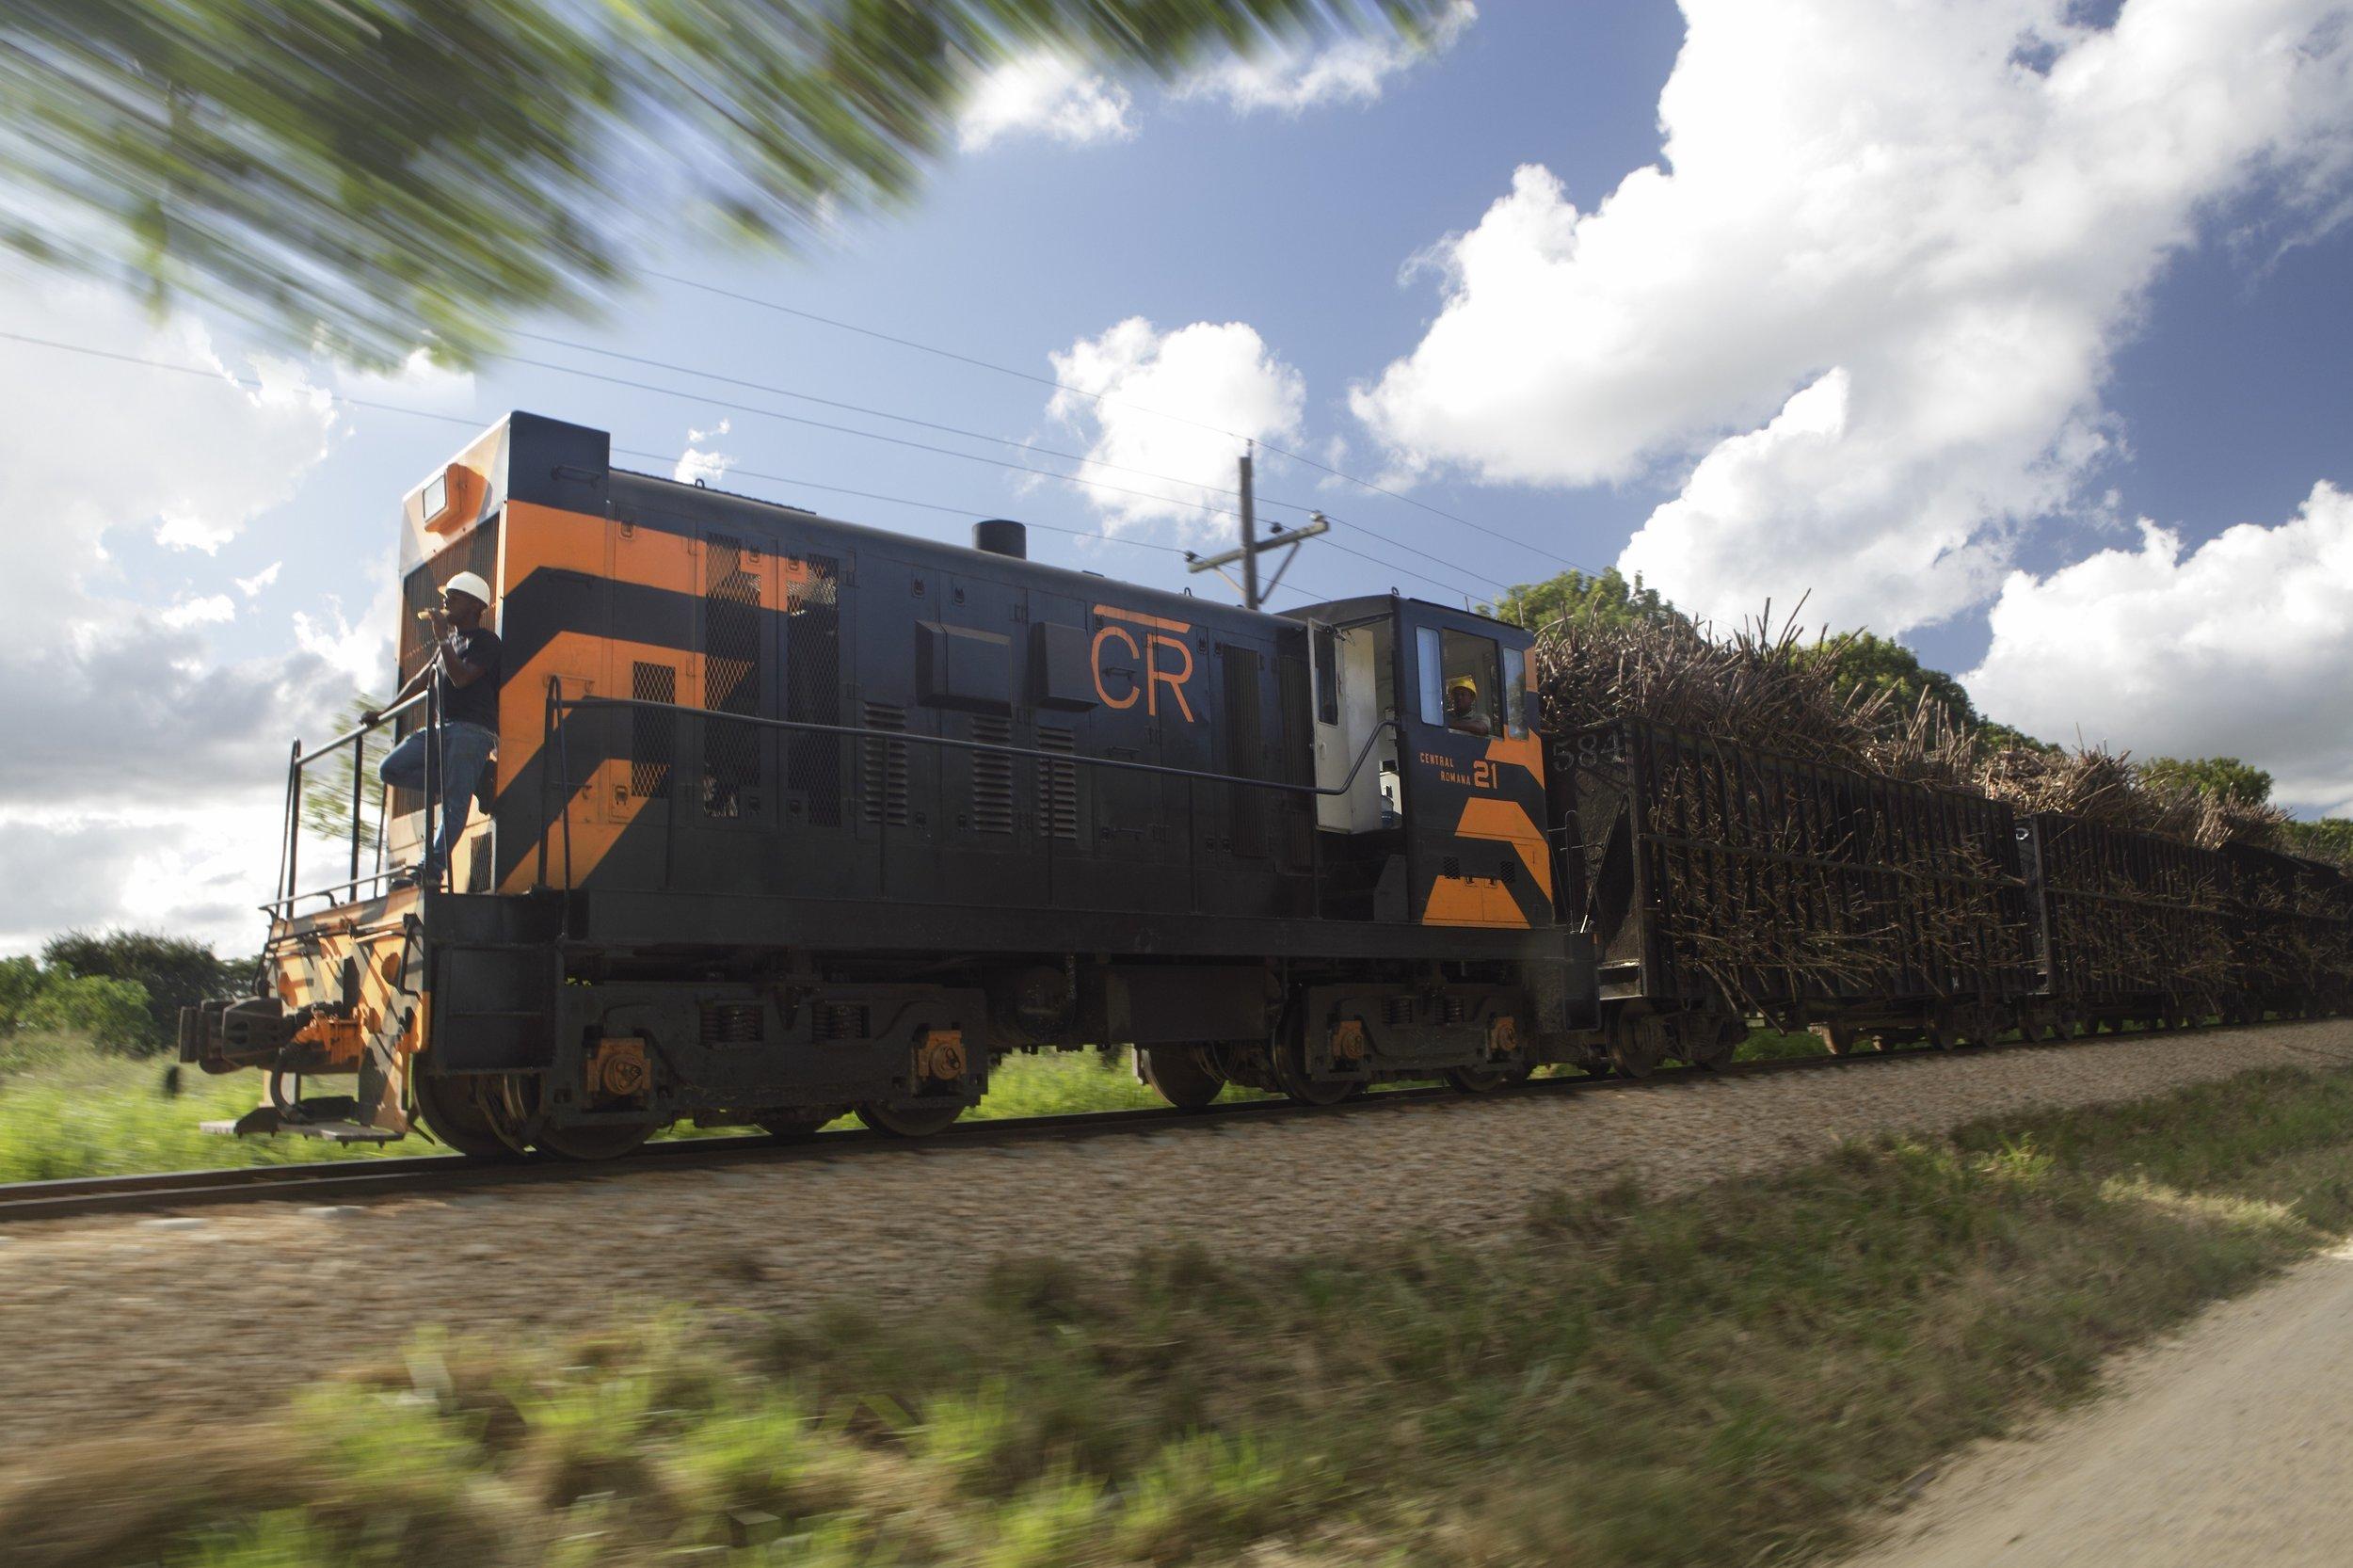 Train CRC.jpg